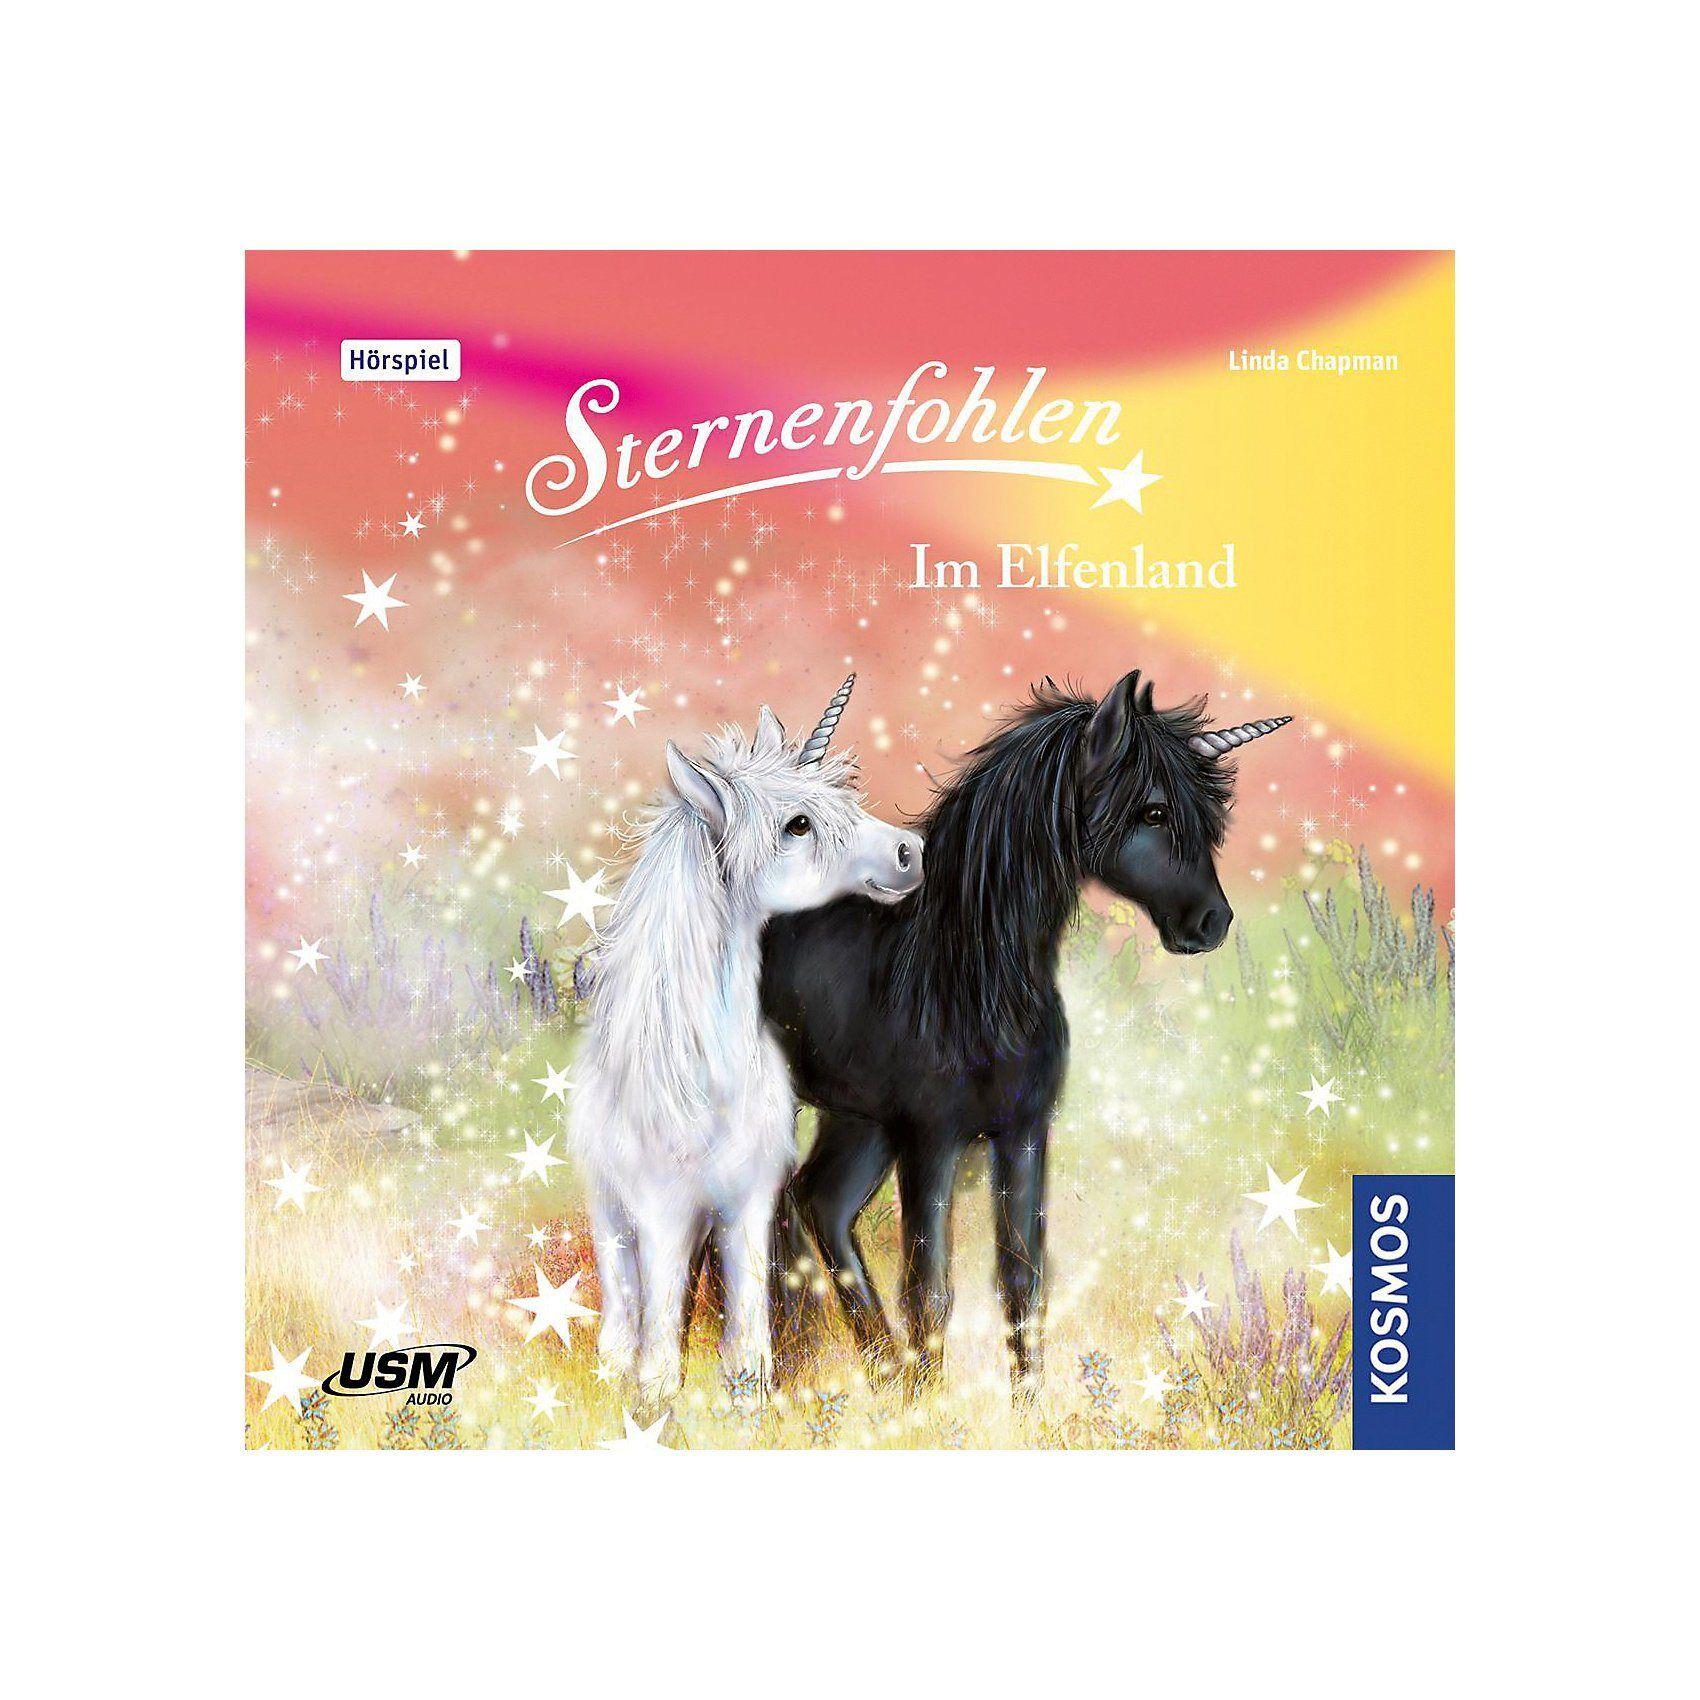 CD Sternenfohlen 17 - Im Elfenland